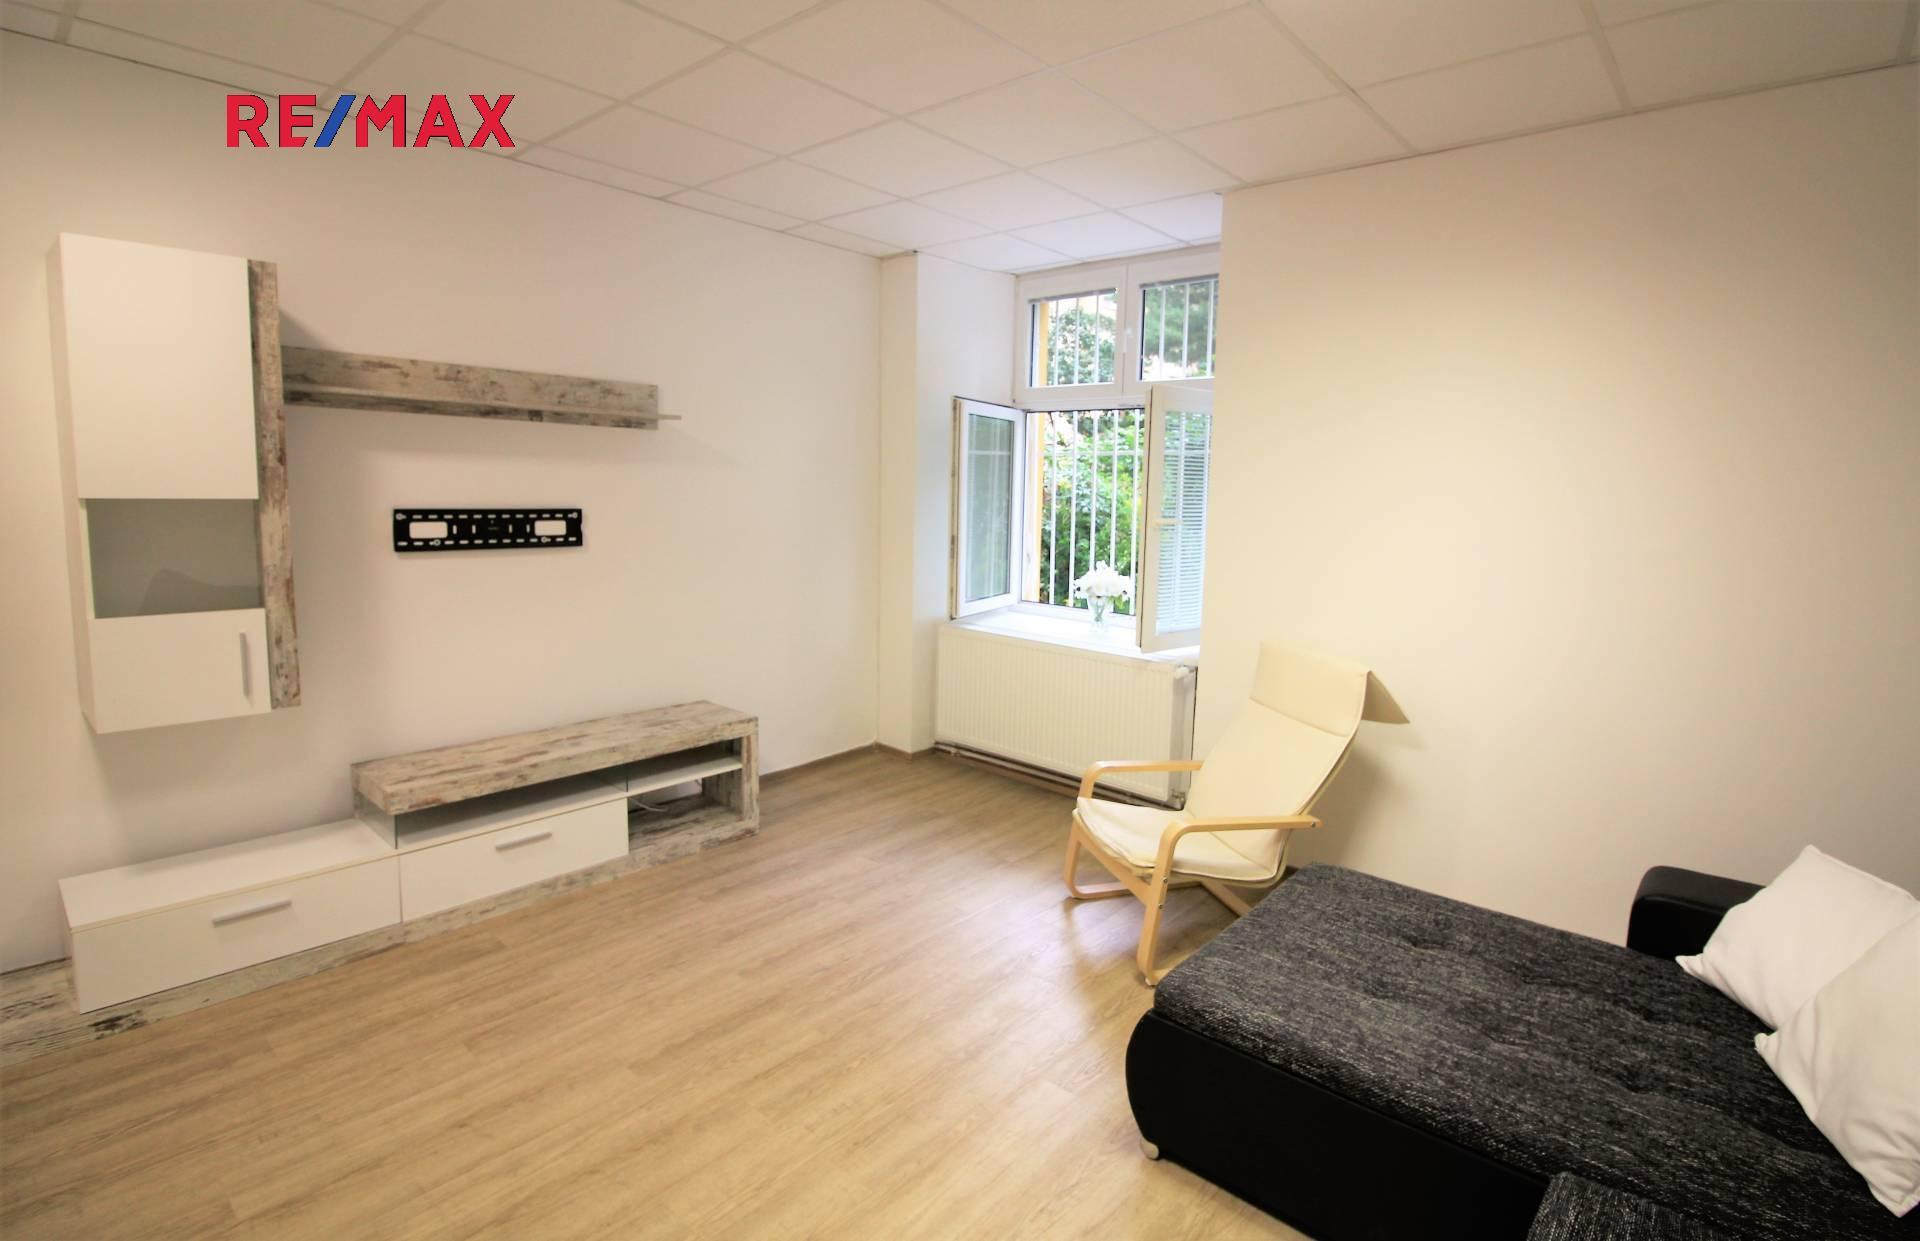 Prodej bytu 2+kk v osobním vlastnictví, 71 m2, Praha 2 - Vinohrady